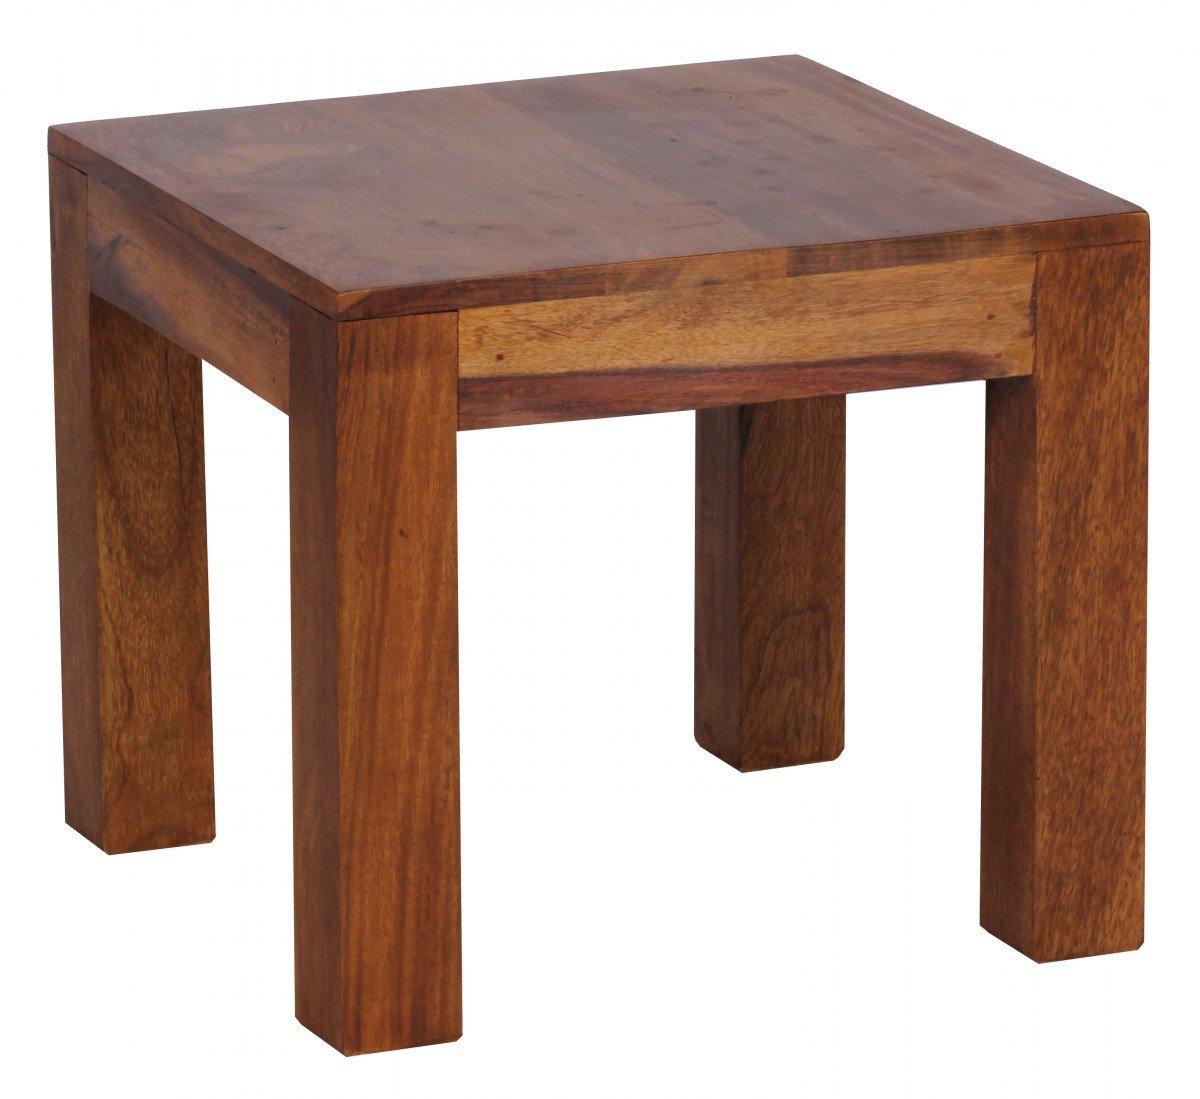 Wohnzimmermöbel massiv dunkel  FineBuy Couchtisch Massiv-Holz Sheesham 45 cm breit Wohnzimmer ...